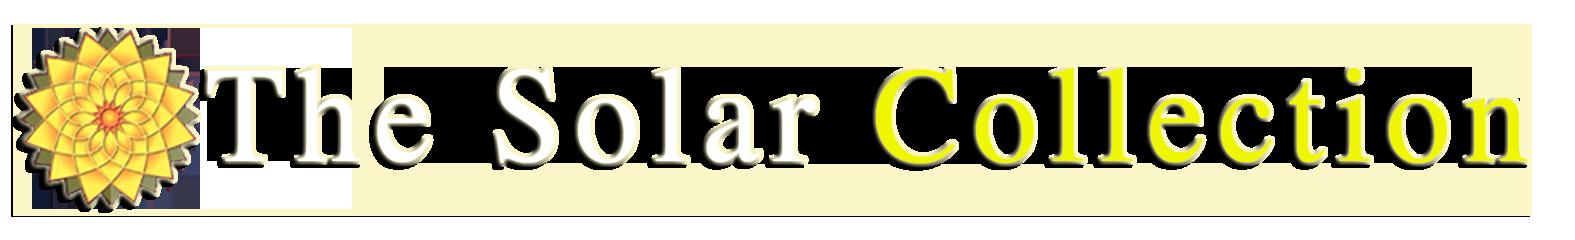 sc_logo-glow